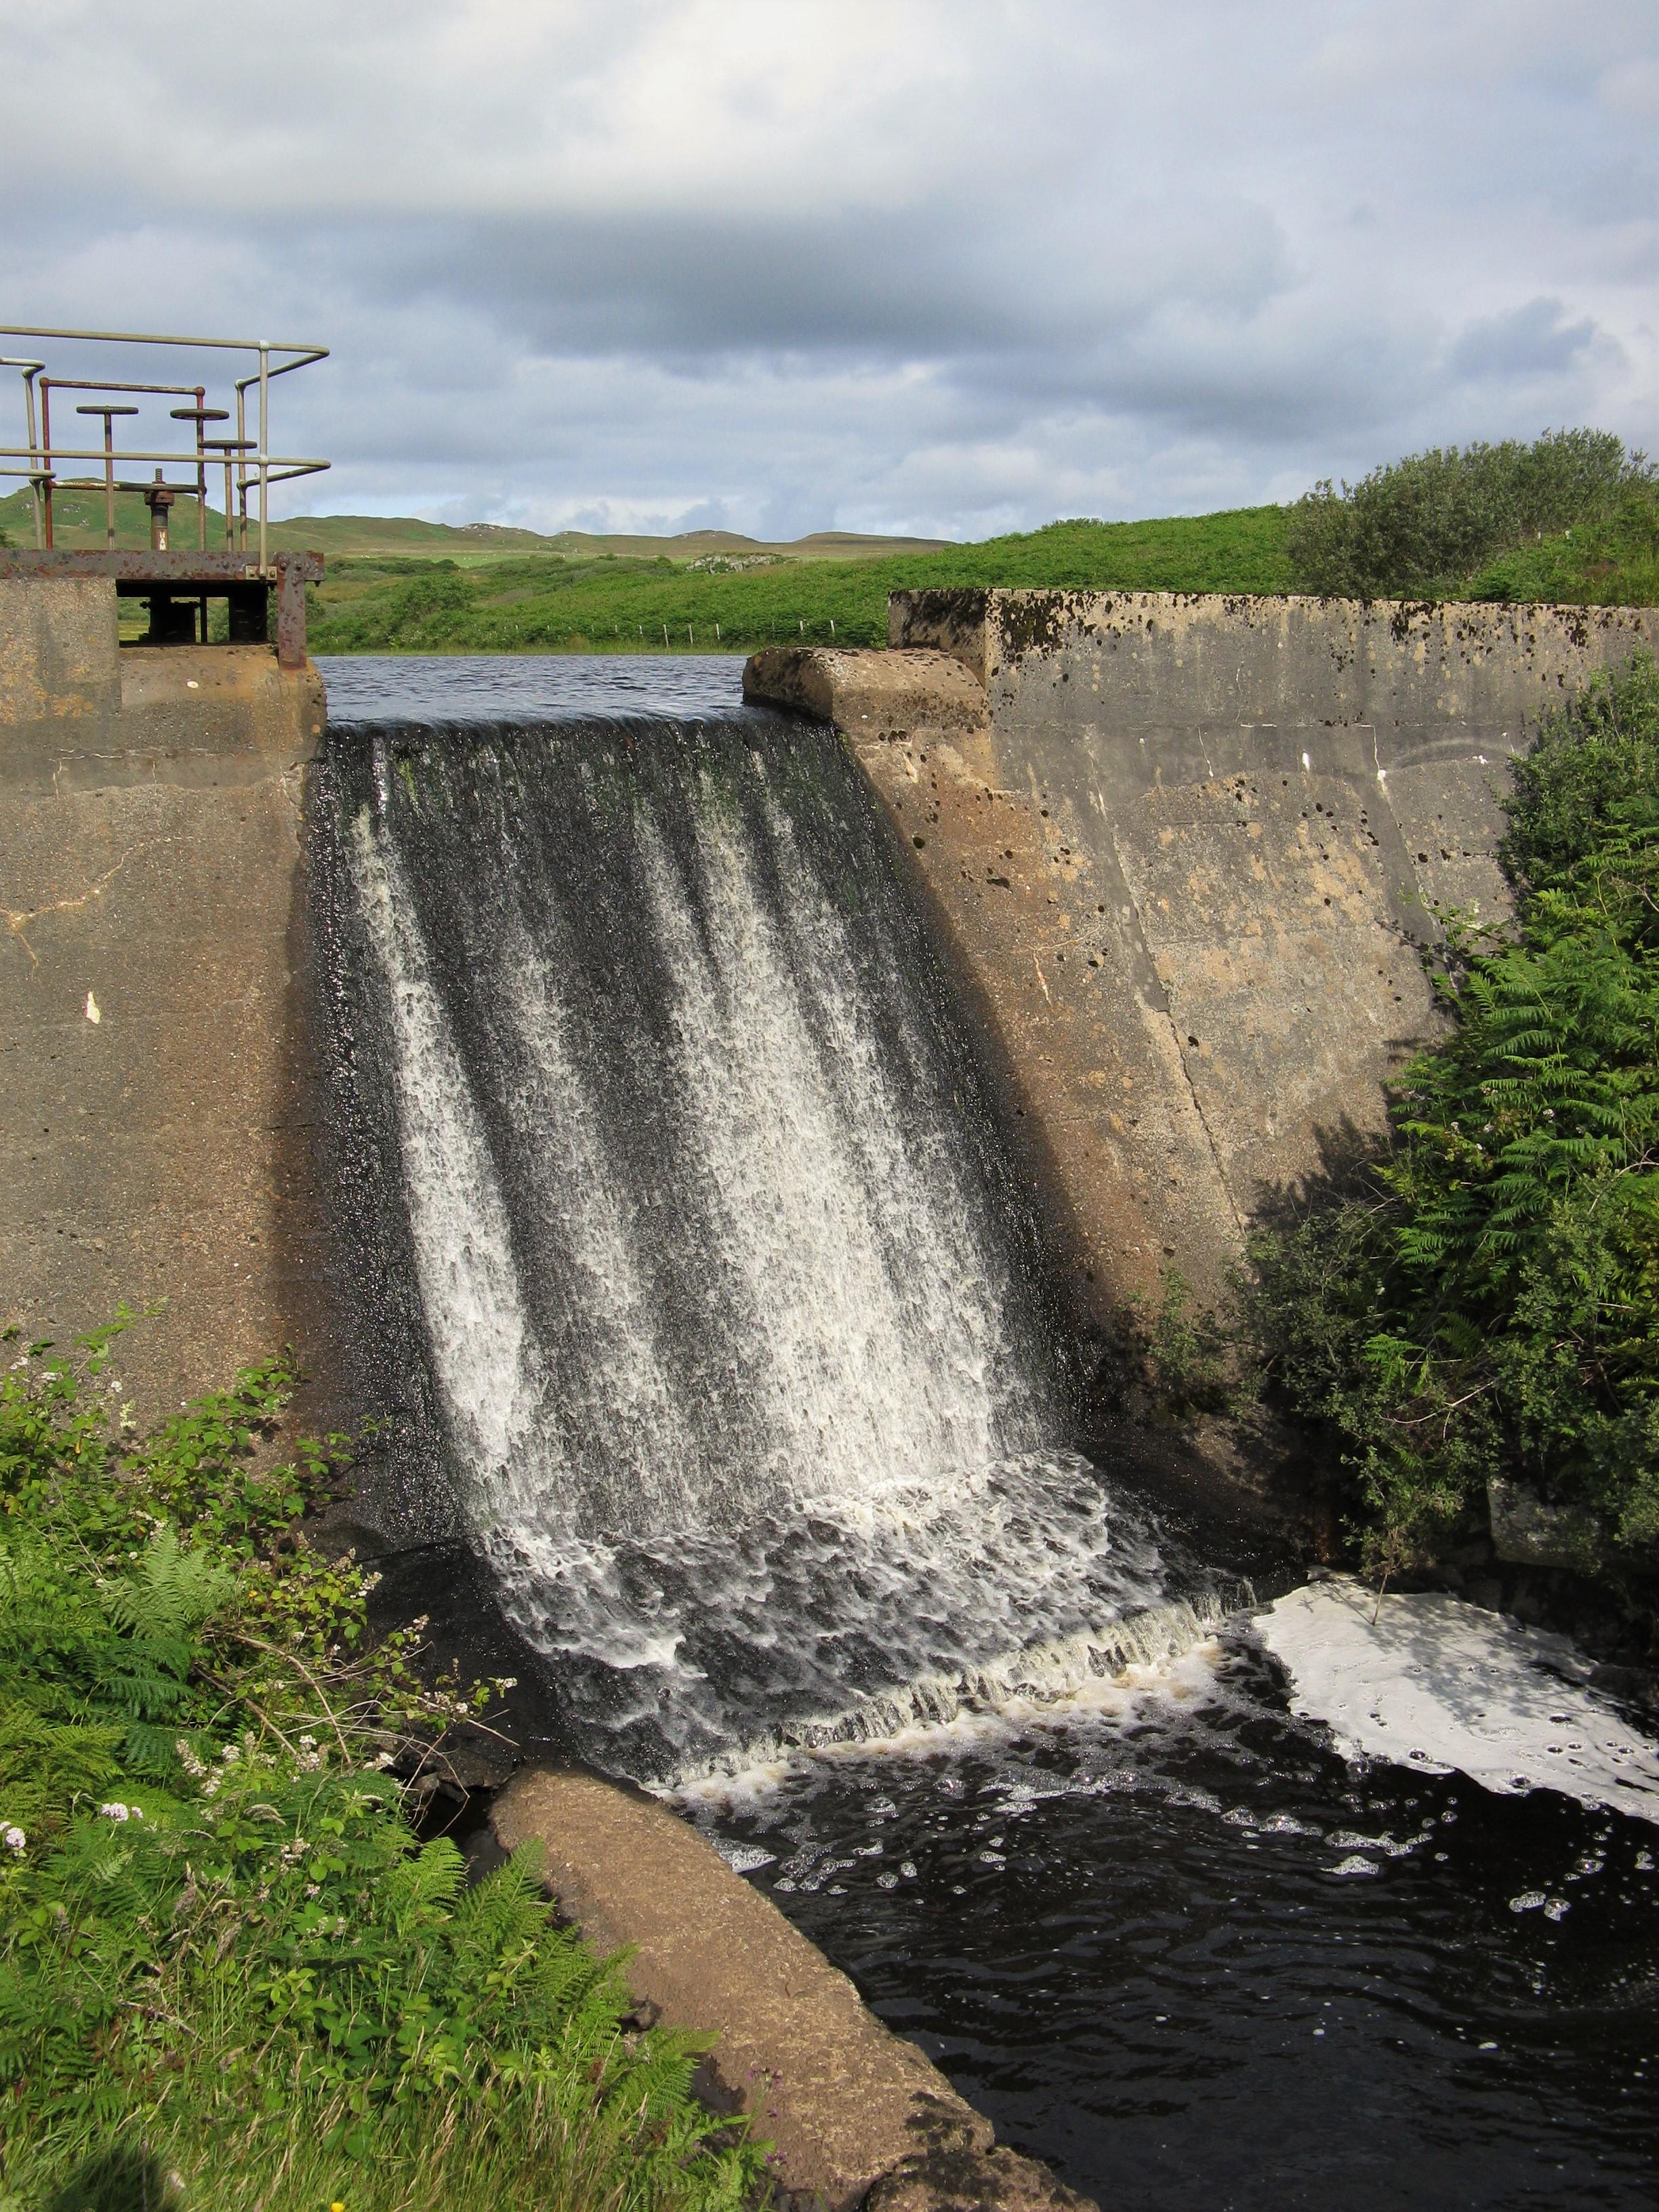 Kilbride Dam